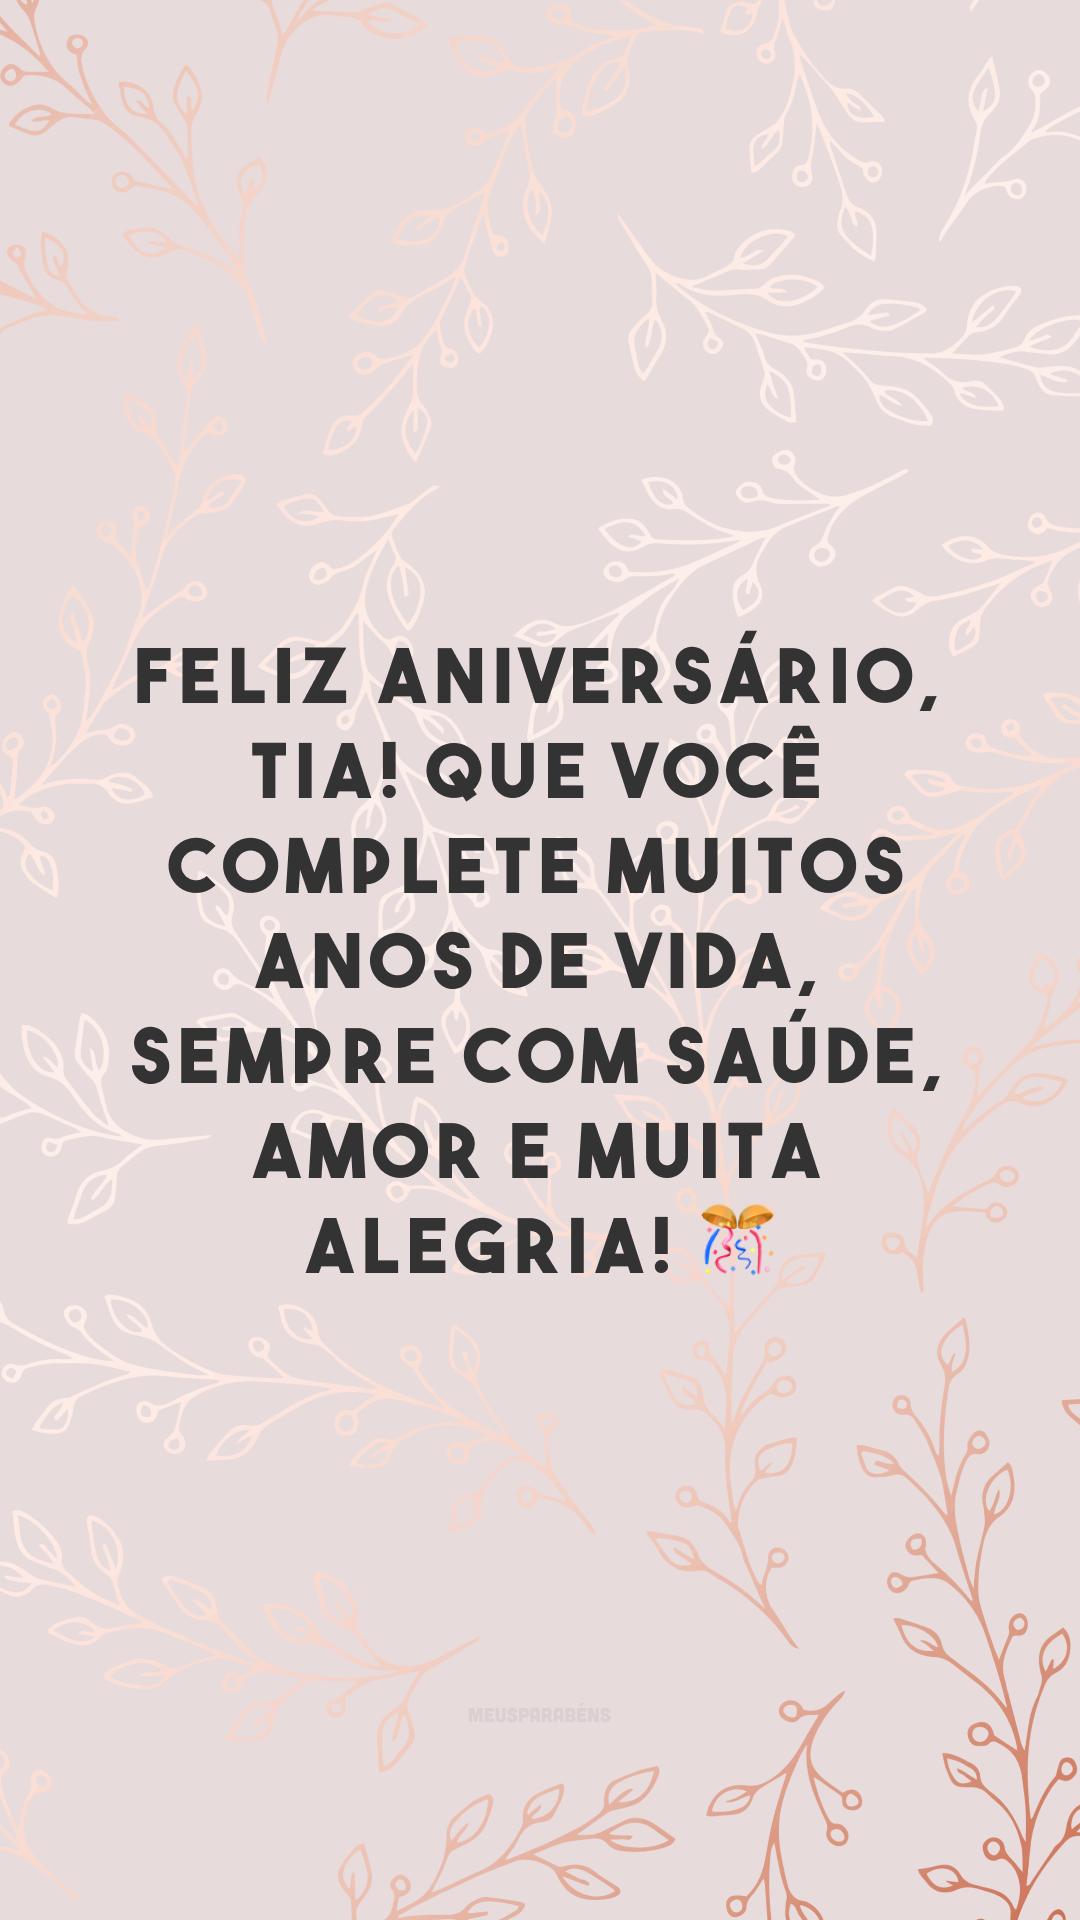 Feliz aniversário, tia! Que você complete muitos anos de vida, sempre com saúde, amor e muita alegria! 🎊